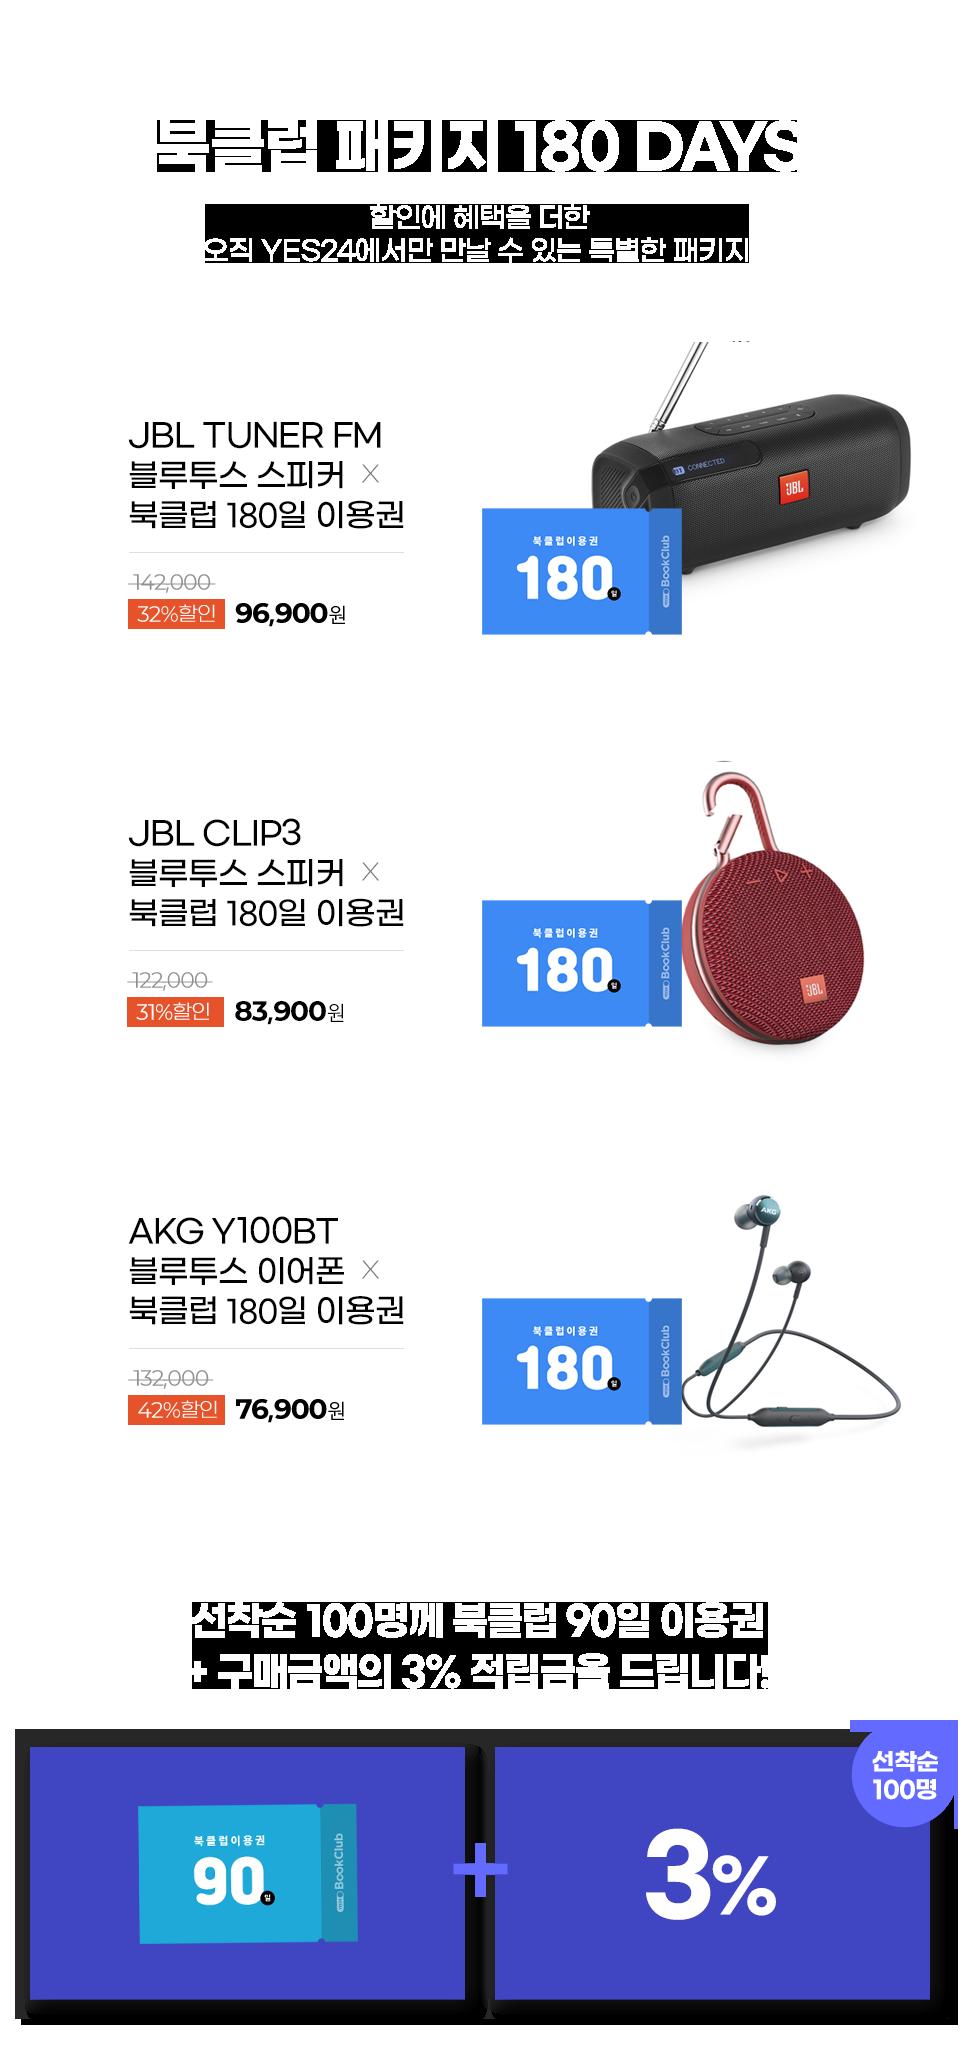 북클럽 패키지 180 DAYS 할인에 혜택을 더한 오직 YES24에서만 만날 수 있는 특별한 패키지!